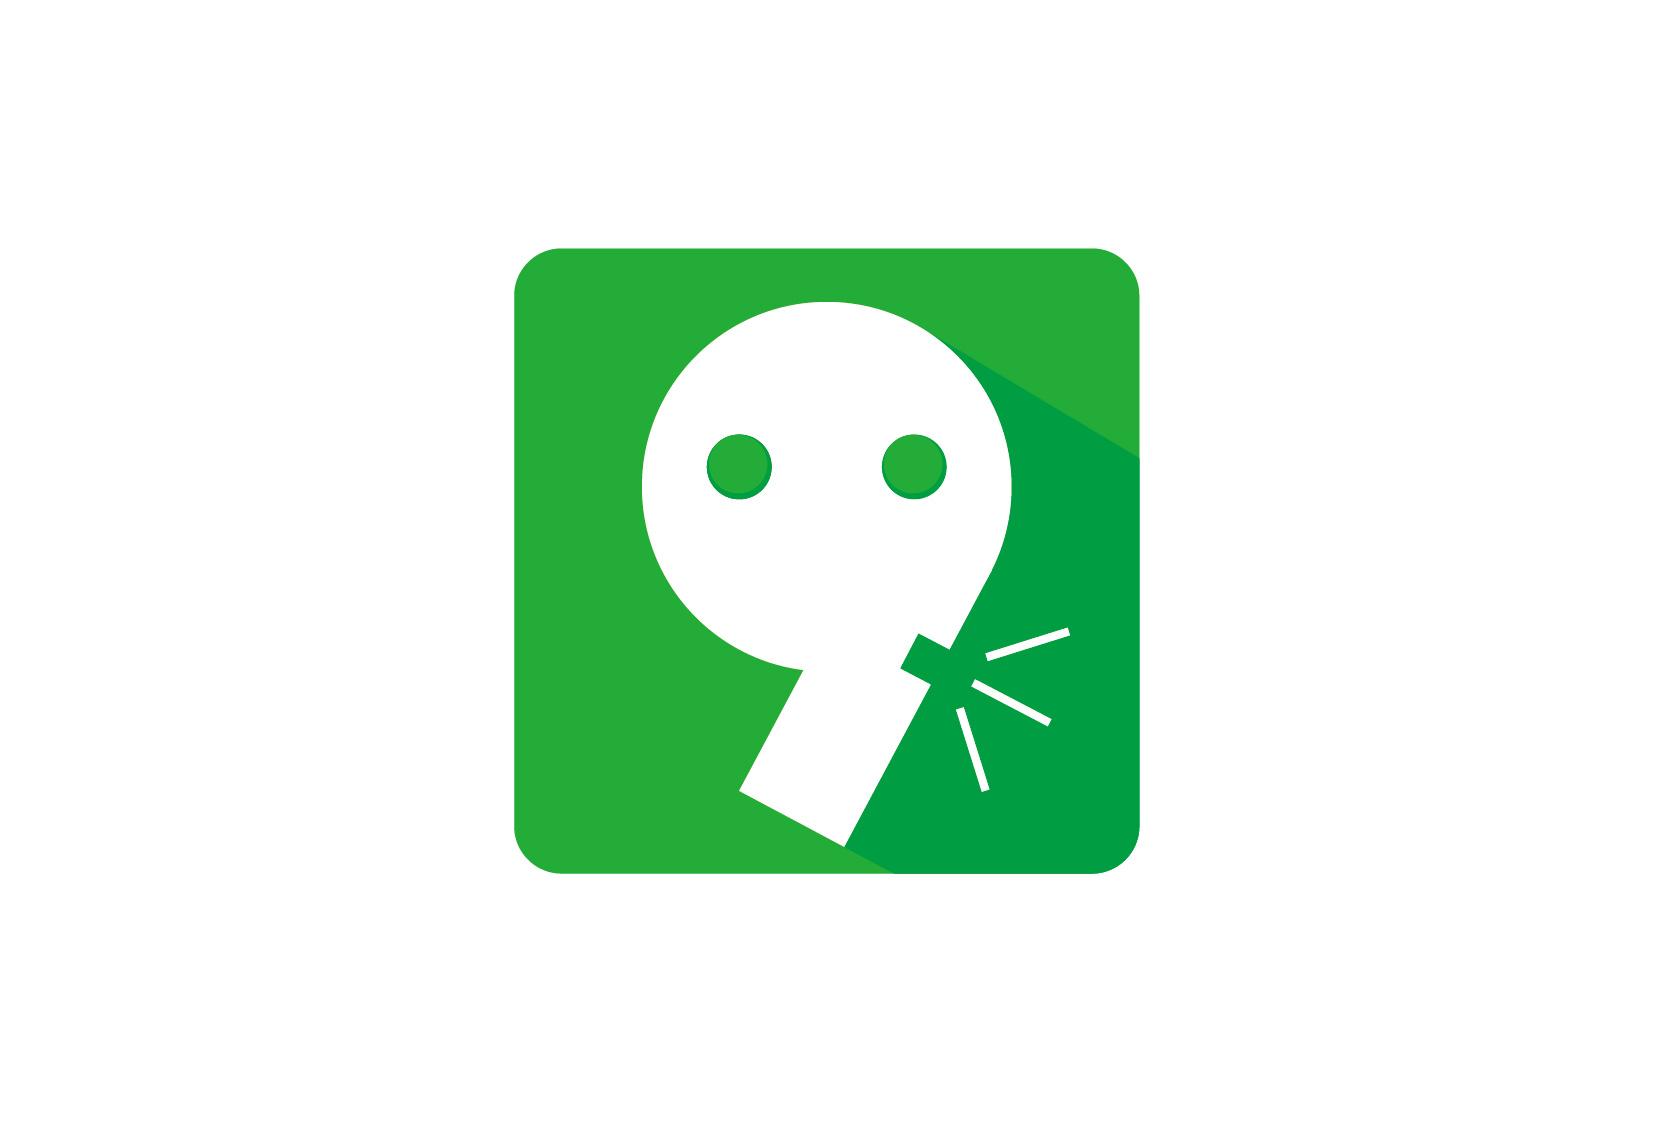 运动社交app软件logo设计